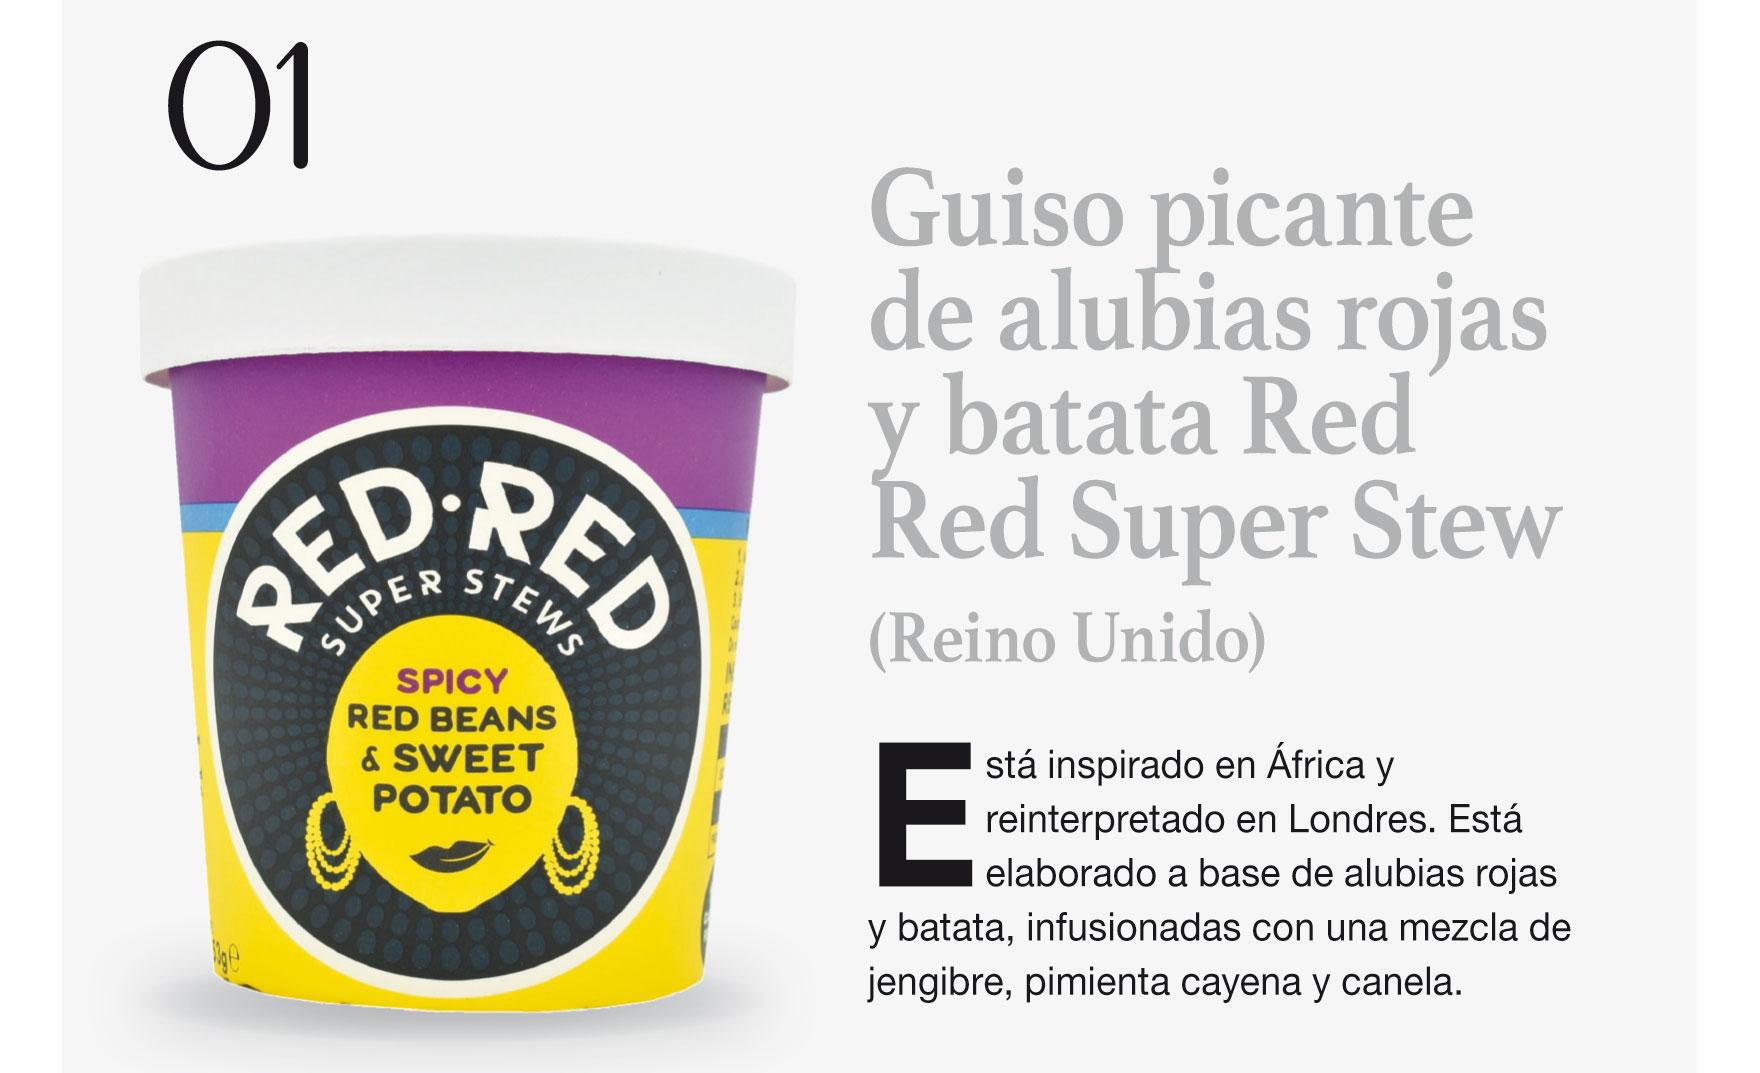 Guiso picante de alubias rojas y batata Red Red Super Stew (Reino Unido)